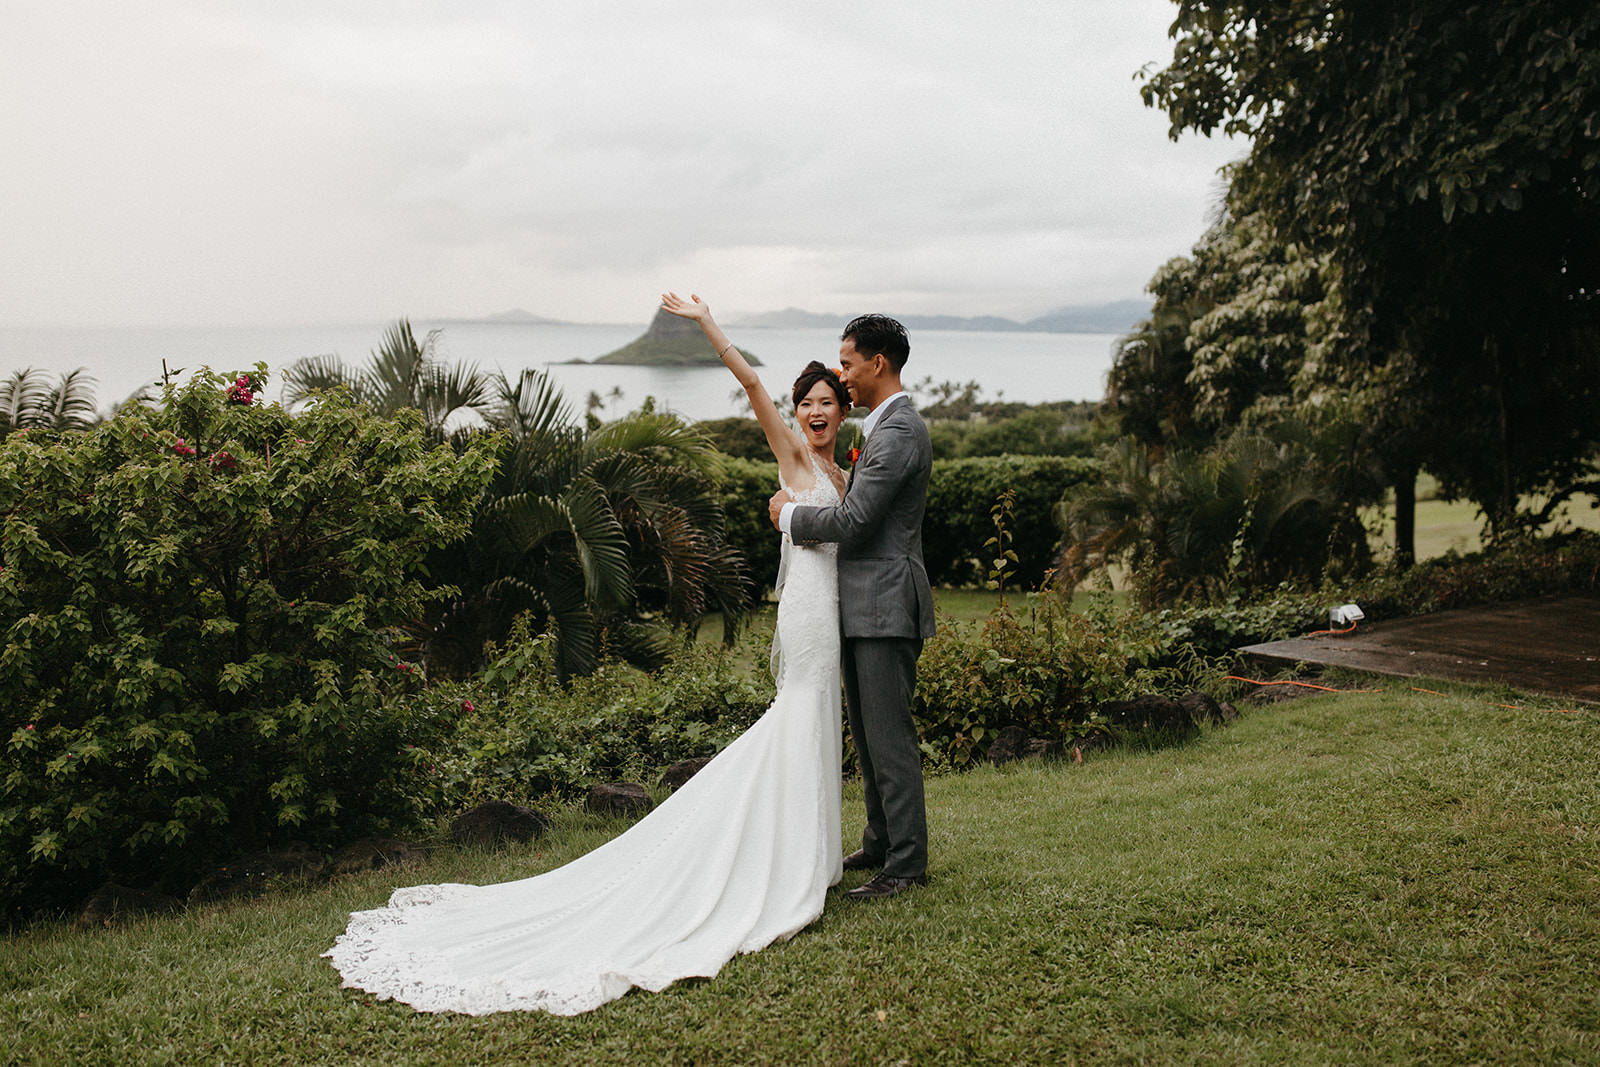 Kualoa_Hawaii_wedding_paliku30.jpg